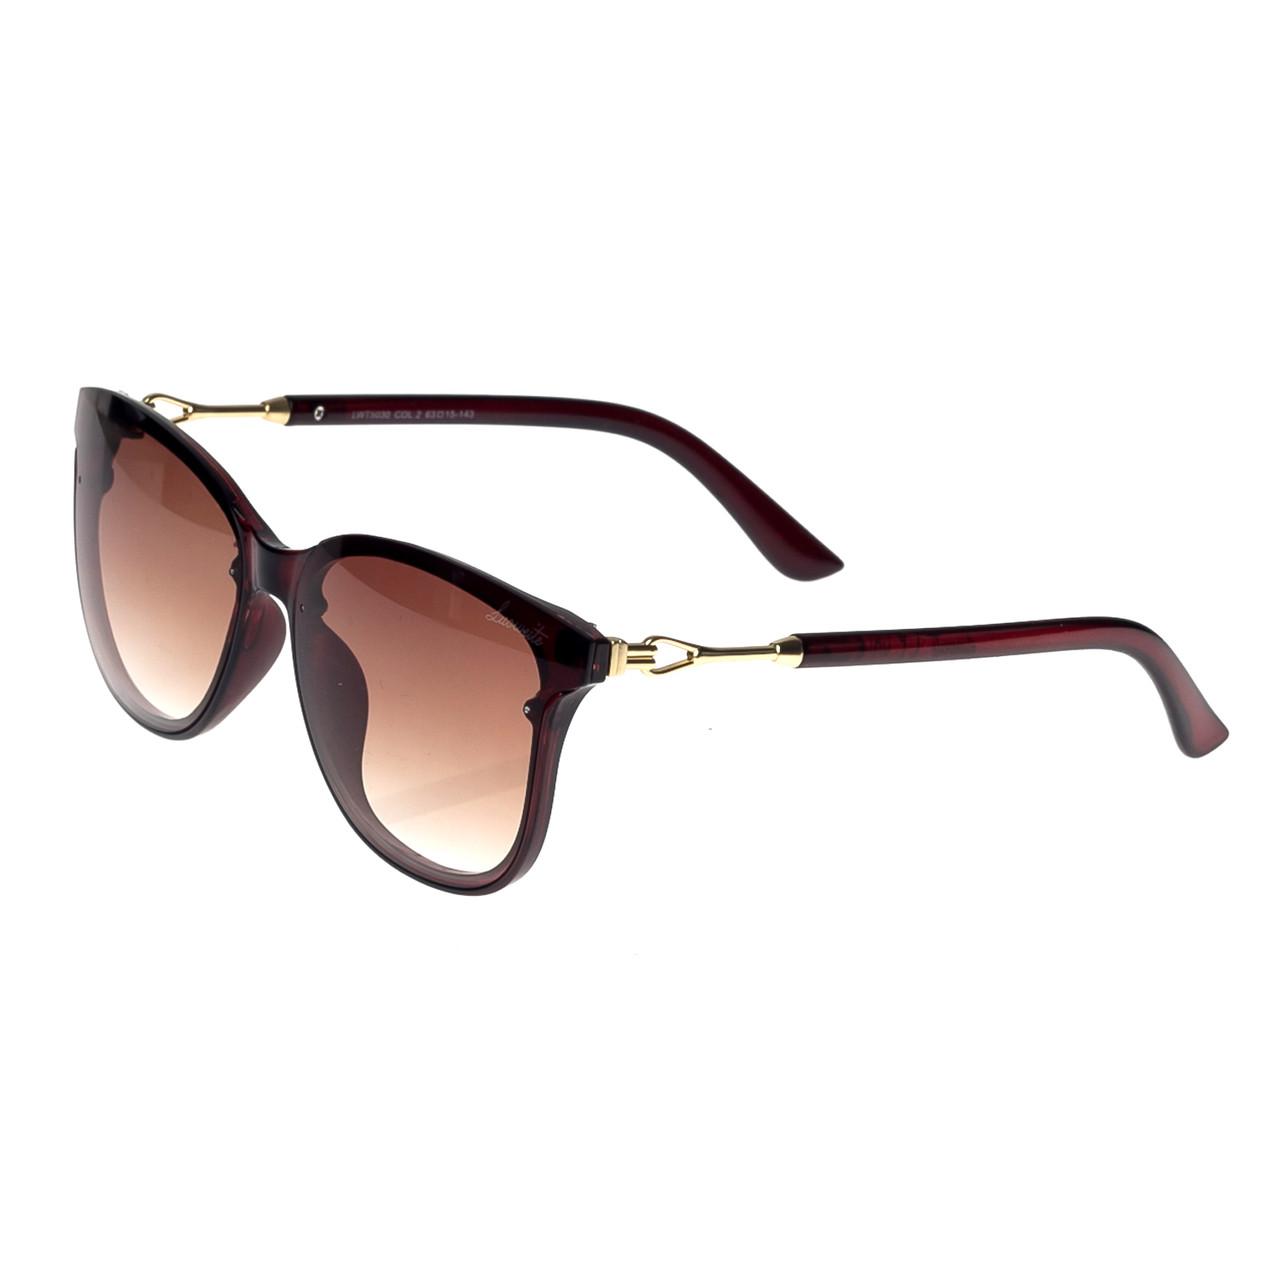 Солнцезащитные очки  Женские цвет Коричневый Luoweite оправа-пластик, линза-поликарбонат ( 5030-02 )